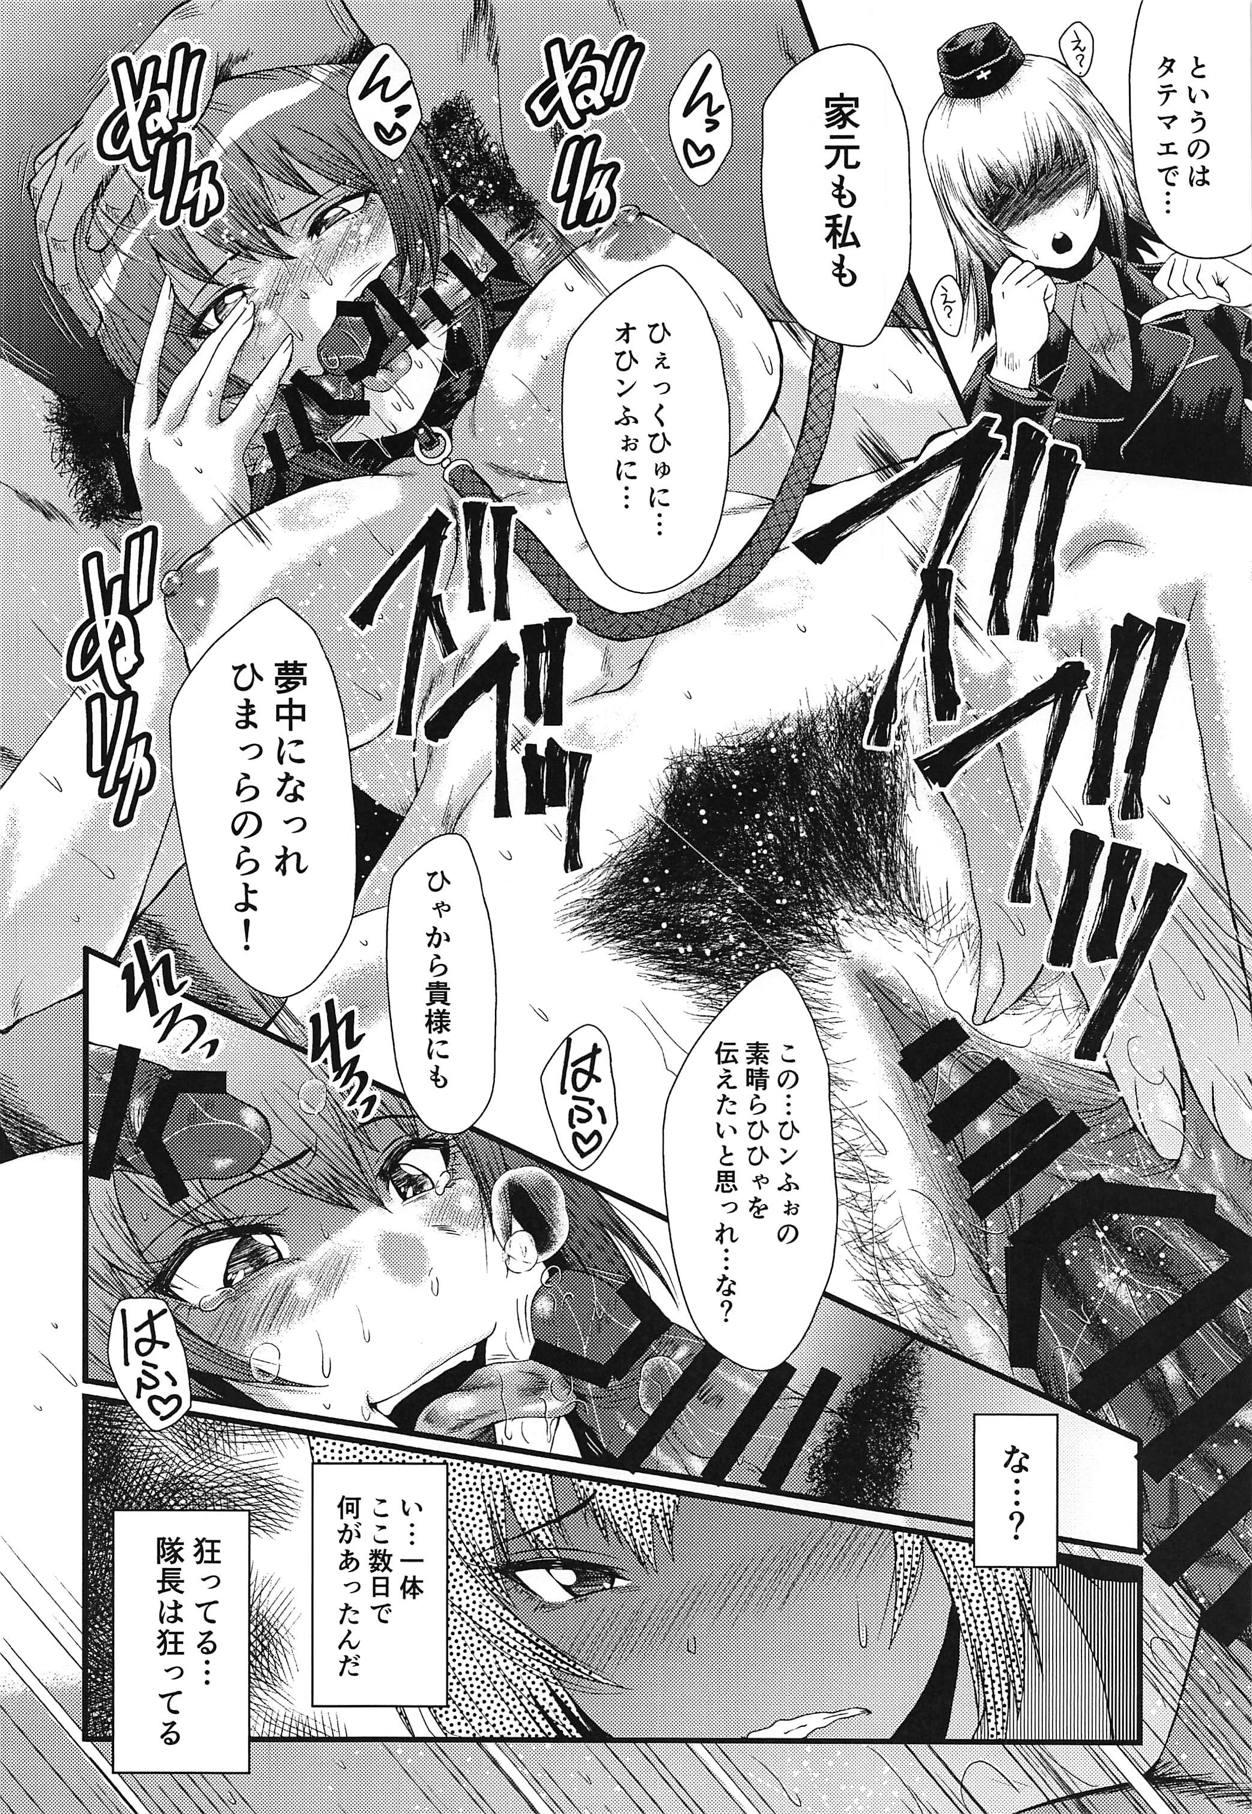 Urabambi Vol. 58 Genfuku Taichou o Seiteki ni Yorokobasechau Hon 8